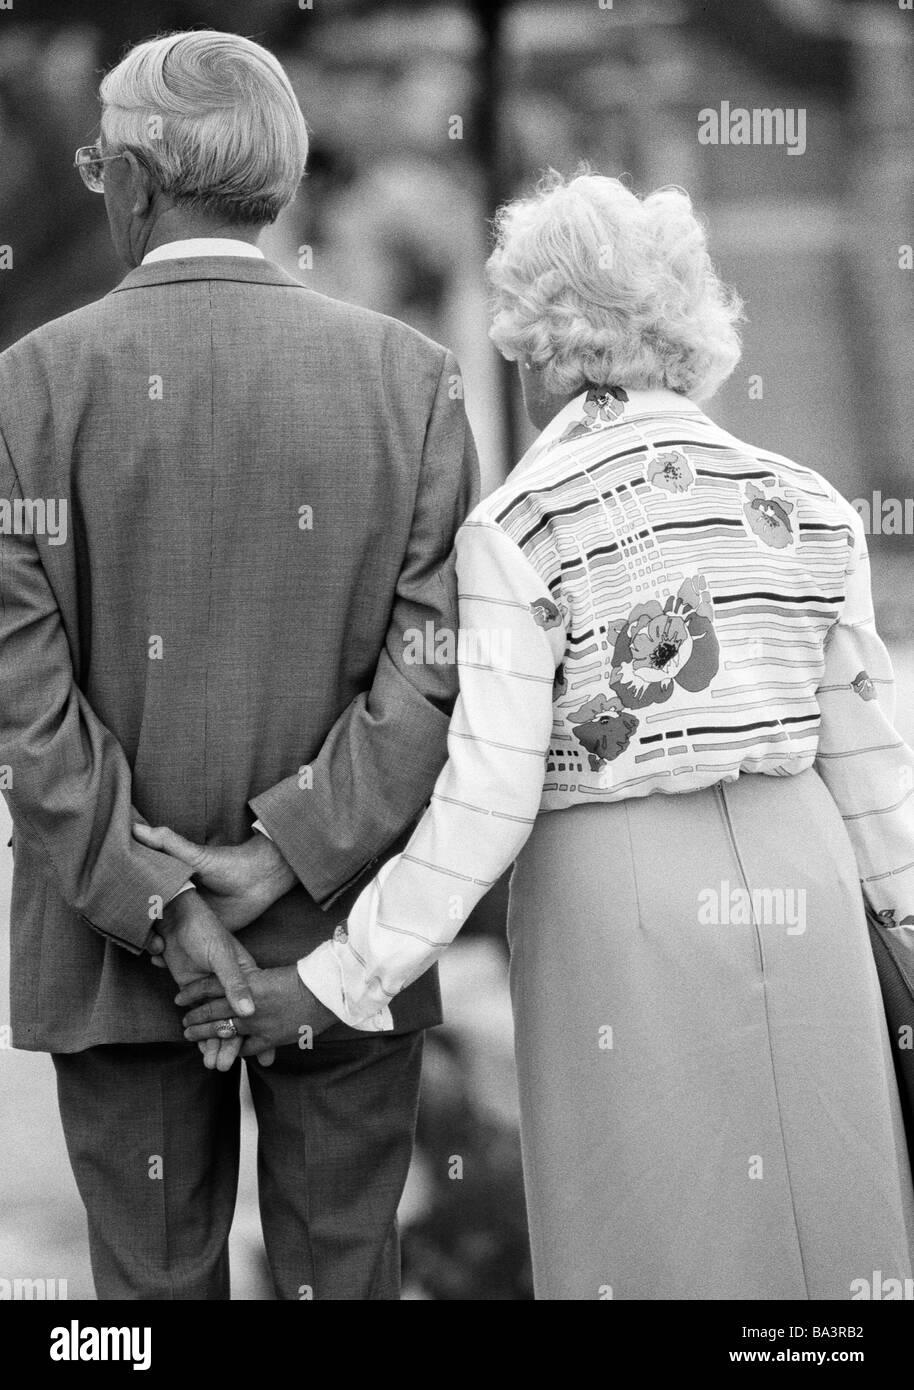 ann es 1980 photo en noir et blanc les gens les personnes g es vieux couple marche main. Black Bedroom Furniture Sets. Home Design Ideas